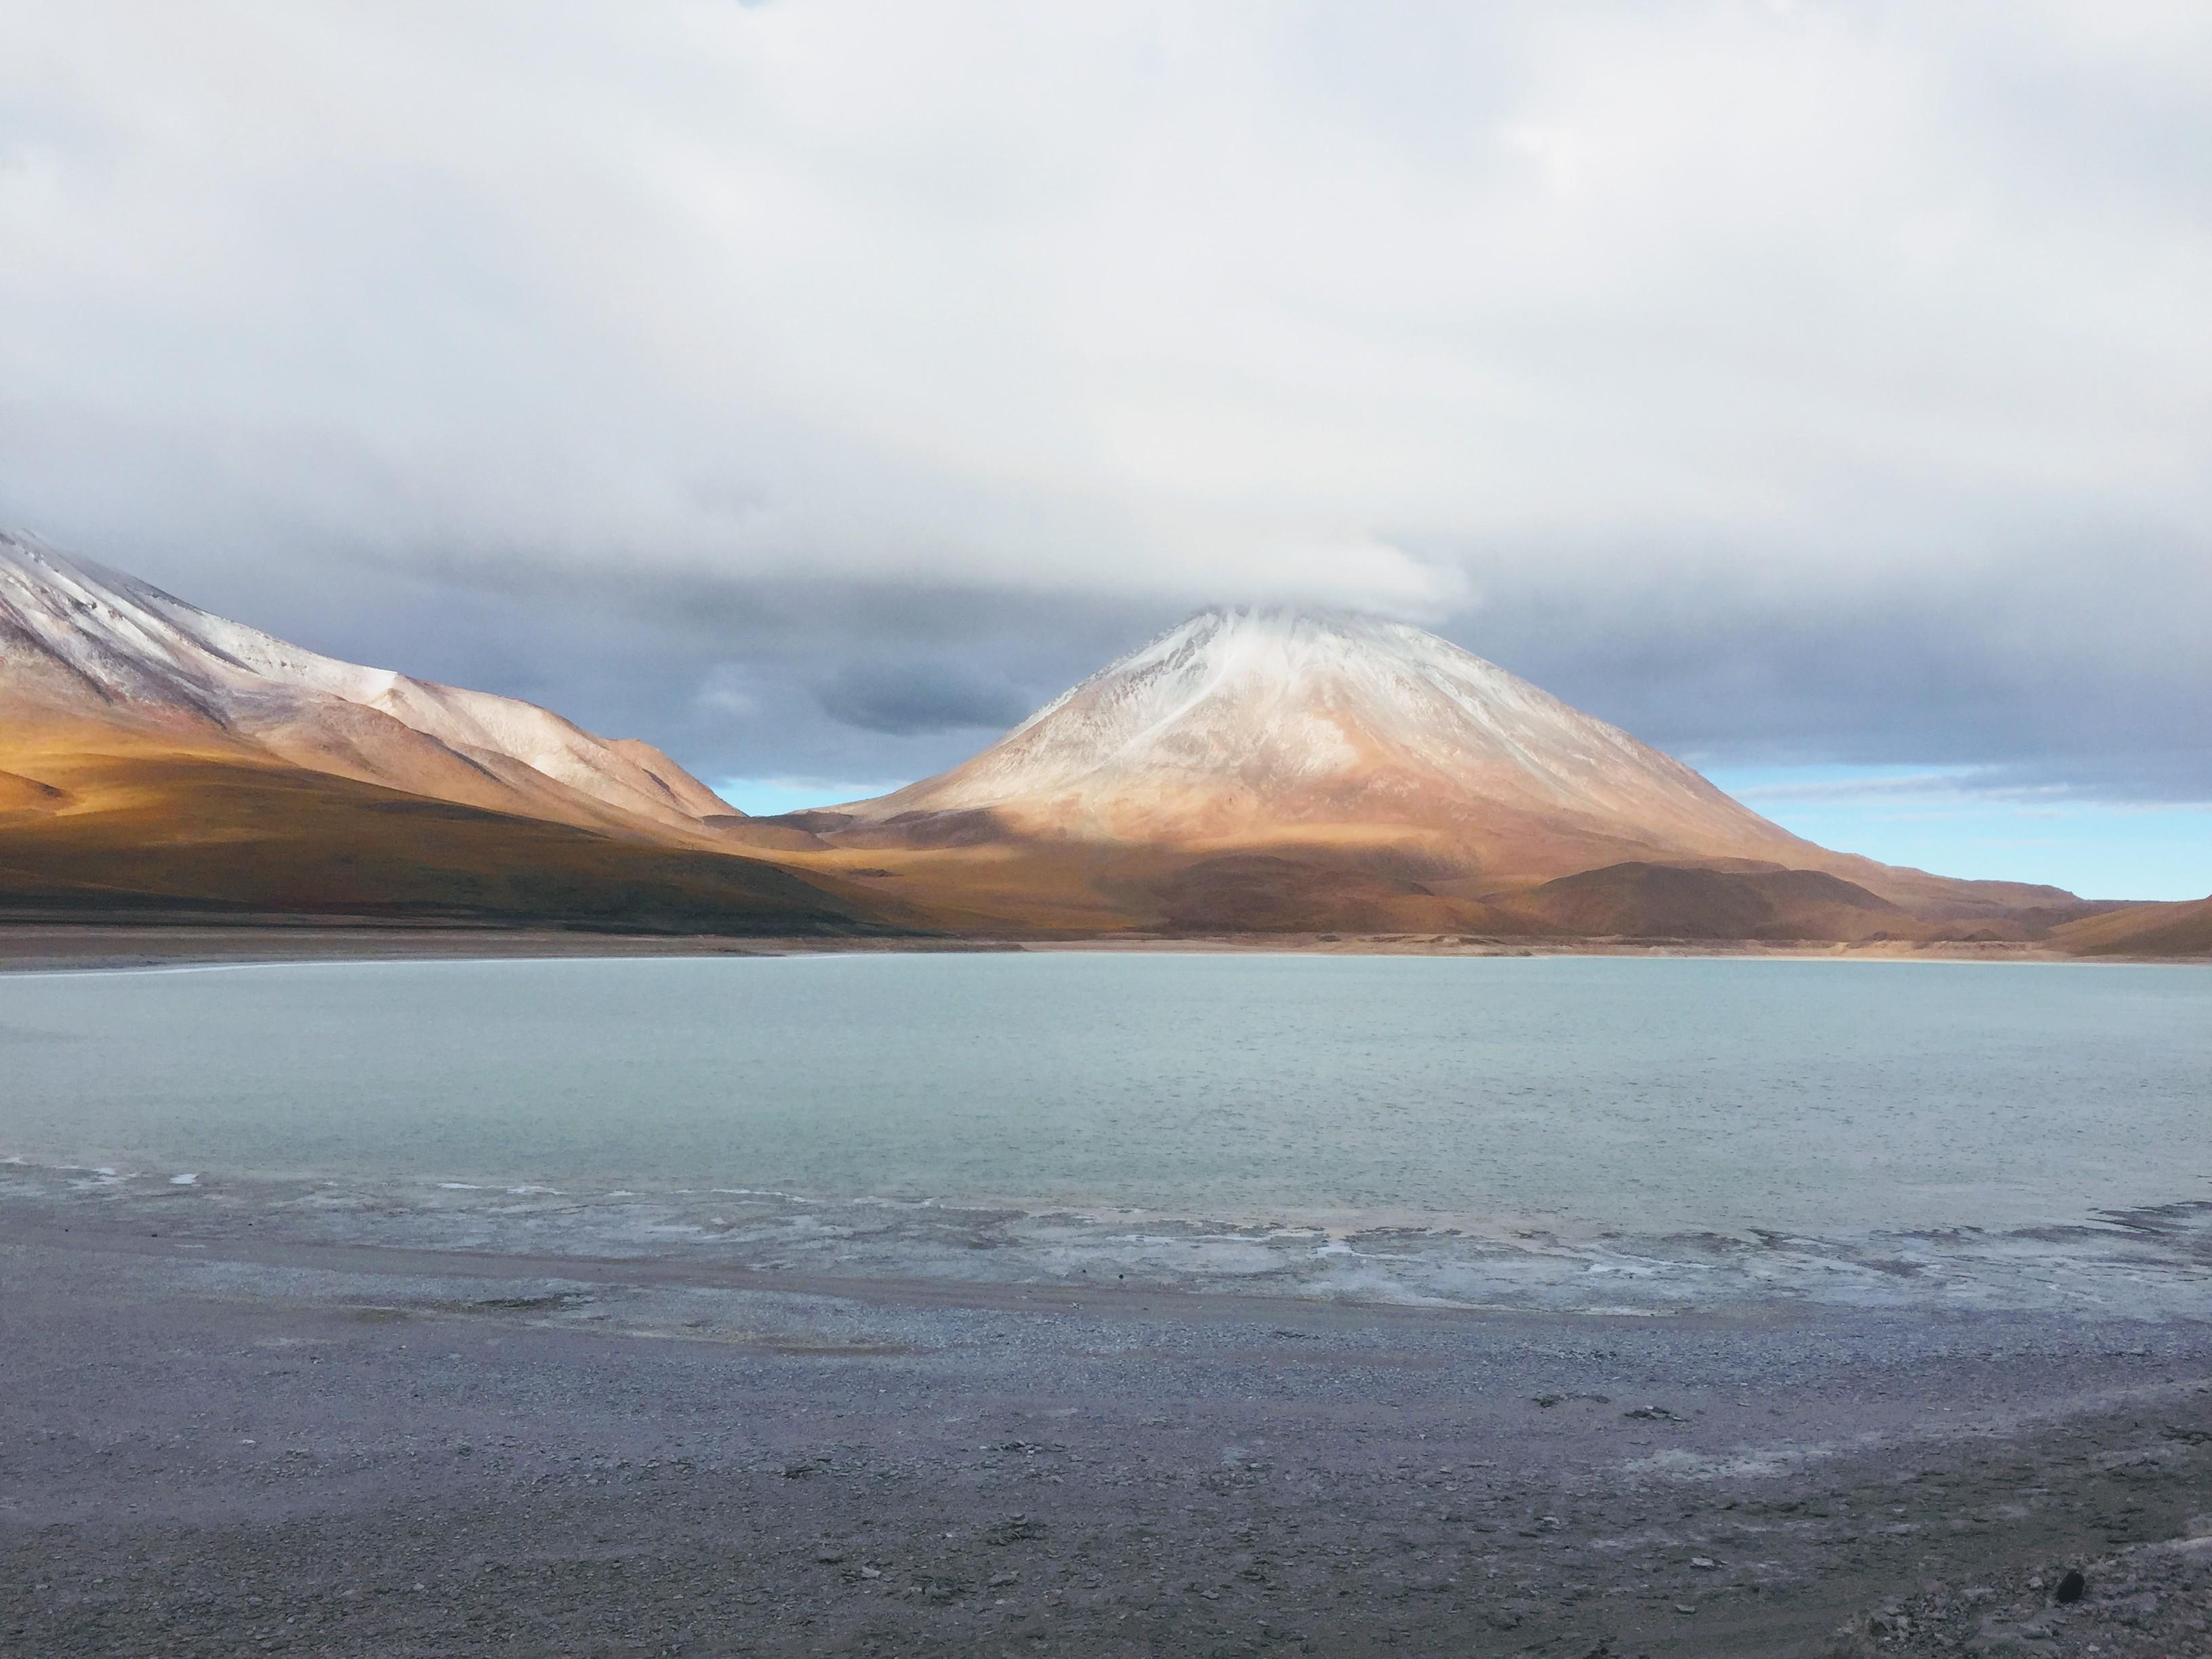 Salar de Uyuni Vulcano